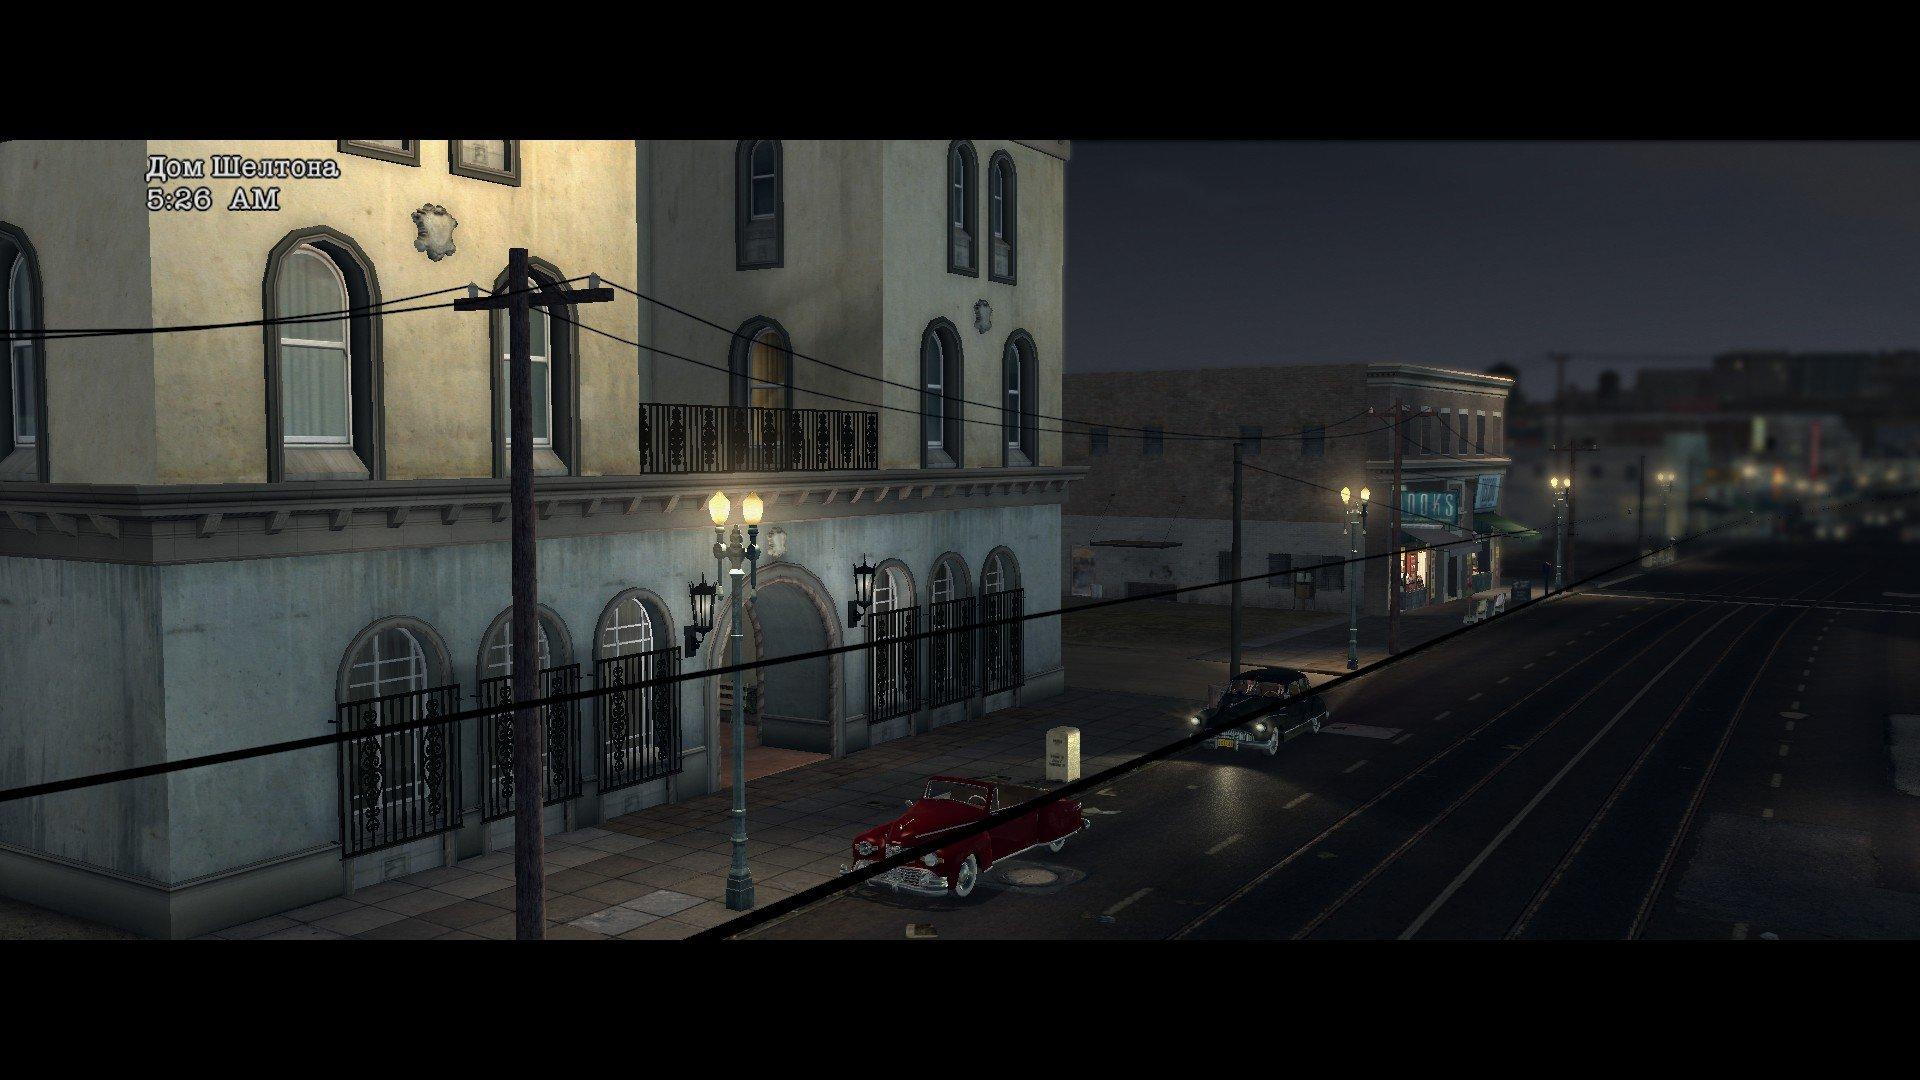 Пост-прохождение L.A. Noire Часть 4 - Изображение 38